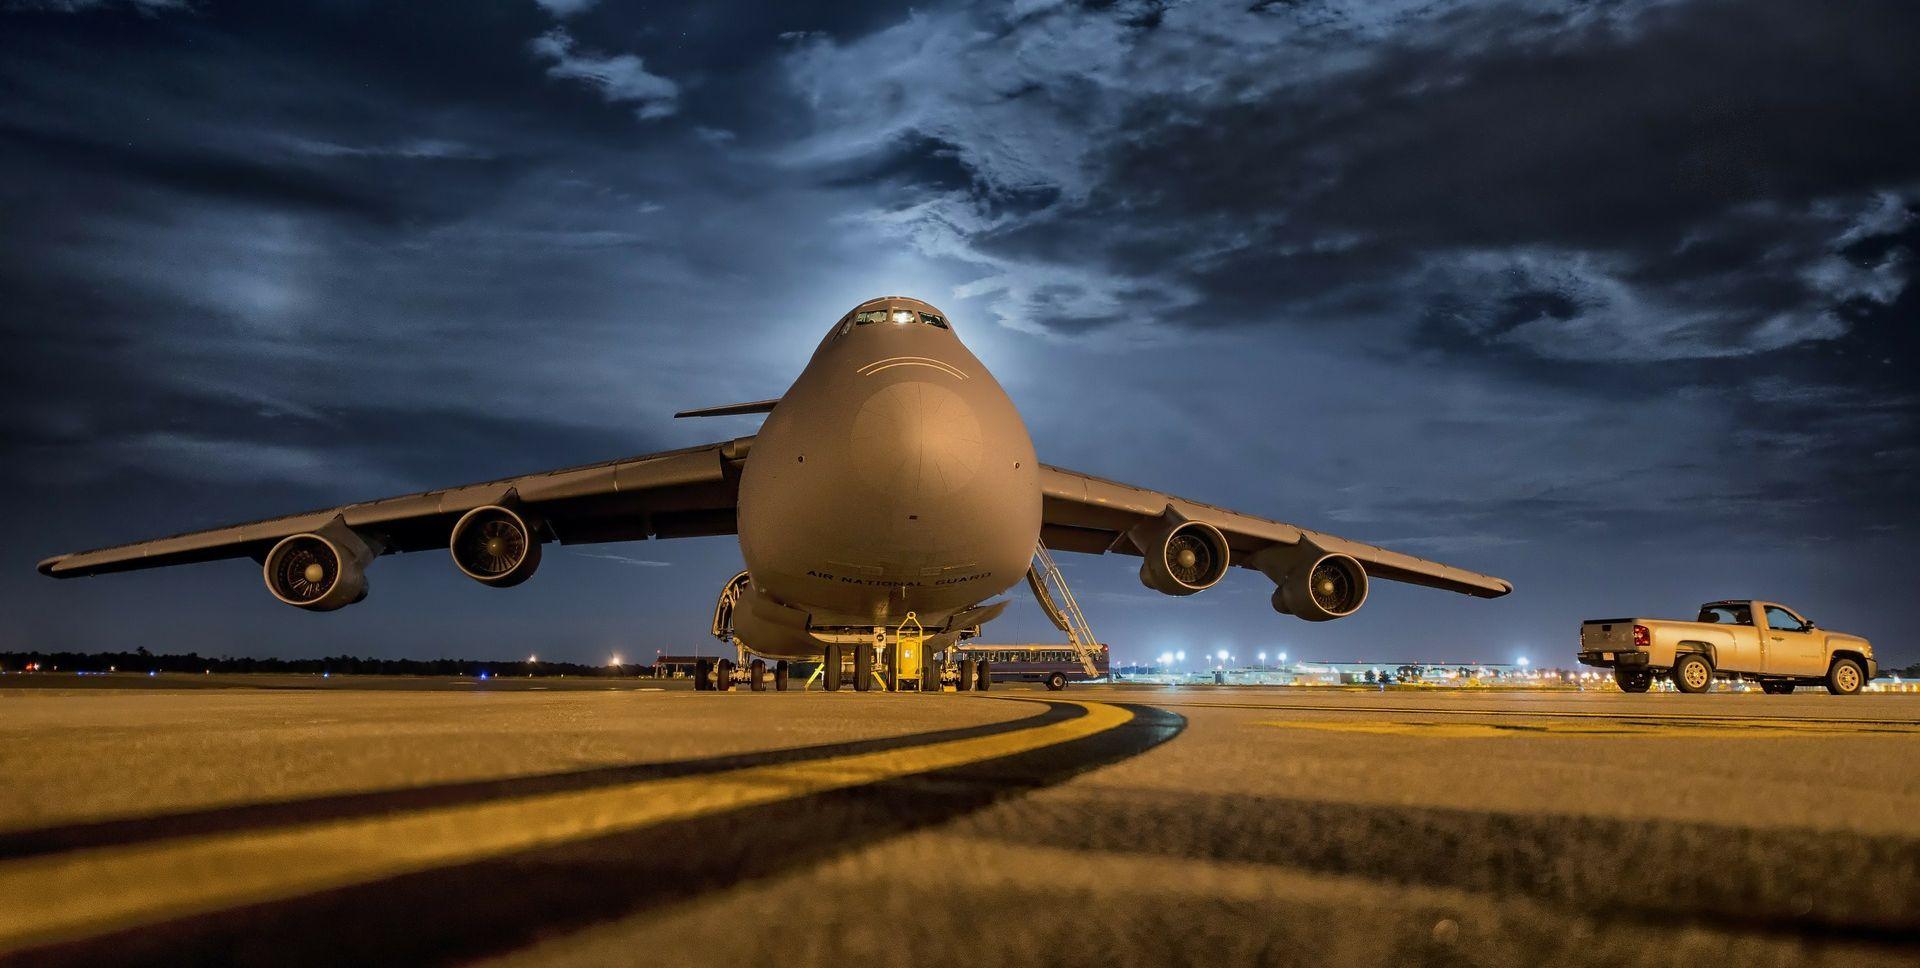 NAKON UKIDANJA SANKCIJA Iran želi kupiti 100 Boeingovih zrakoplova